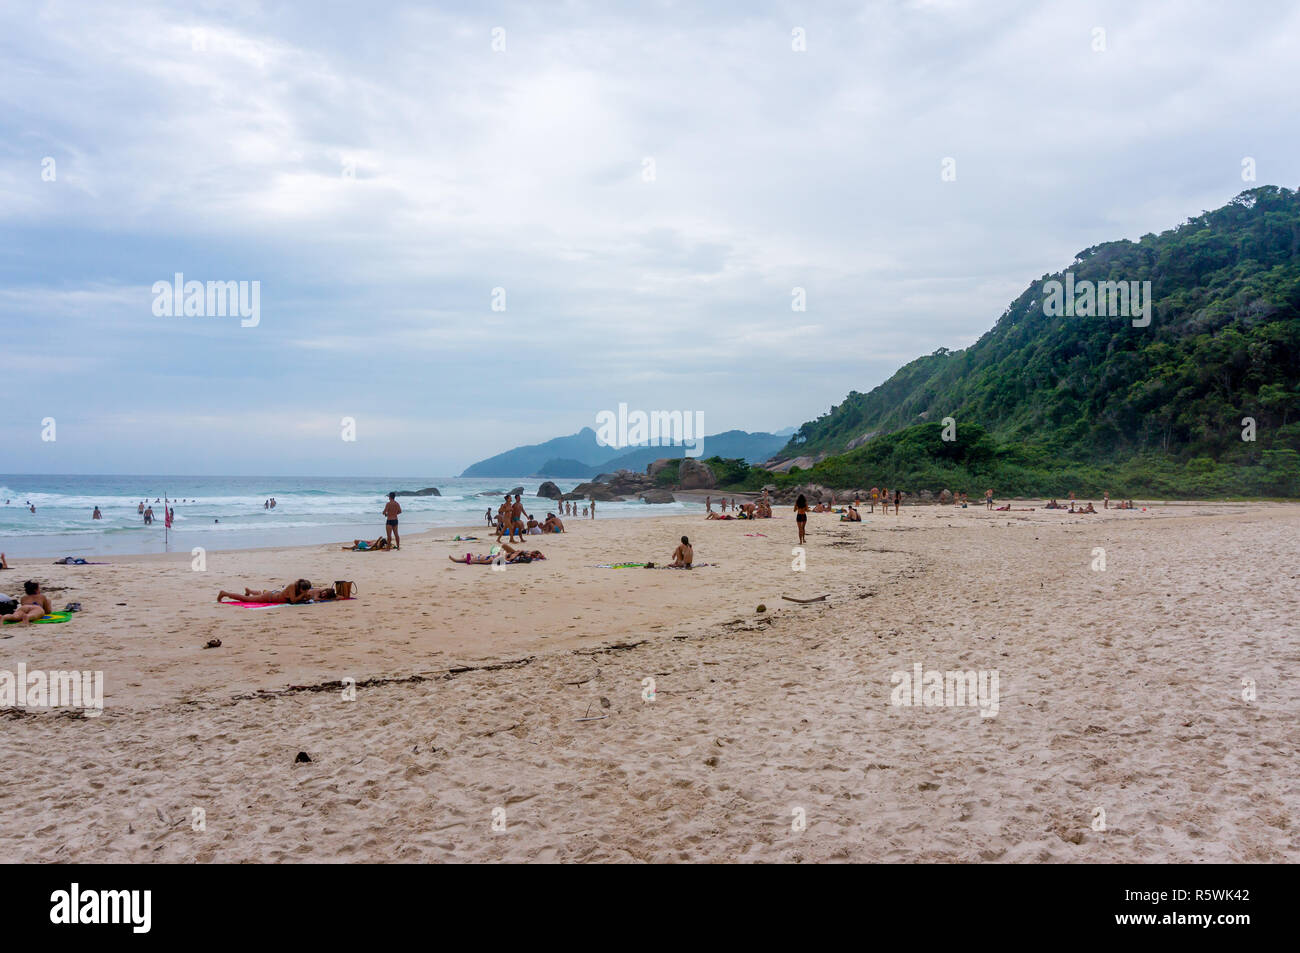 La gente a prendere il sole sul Lopes Mendes Beach, Ilha Grande, Brasile Immagini Stock